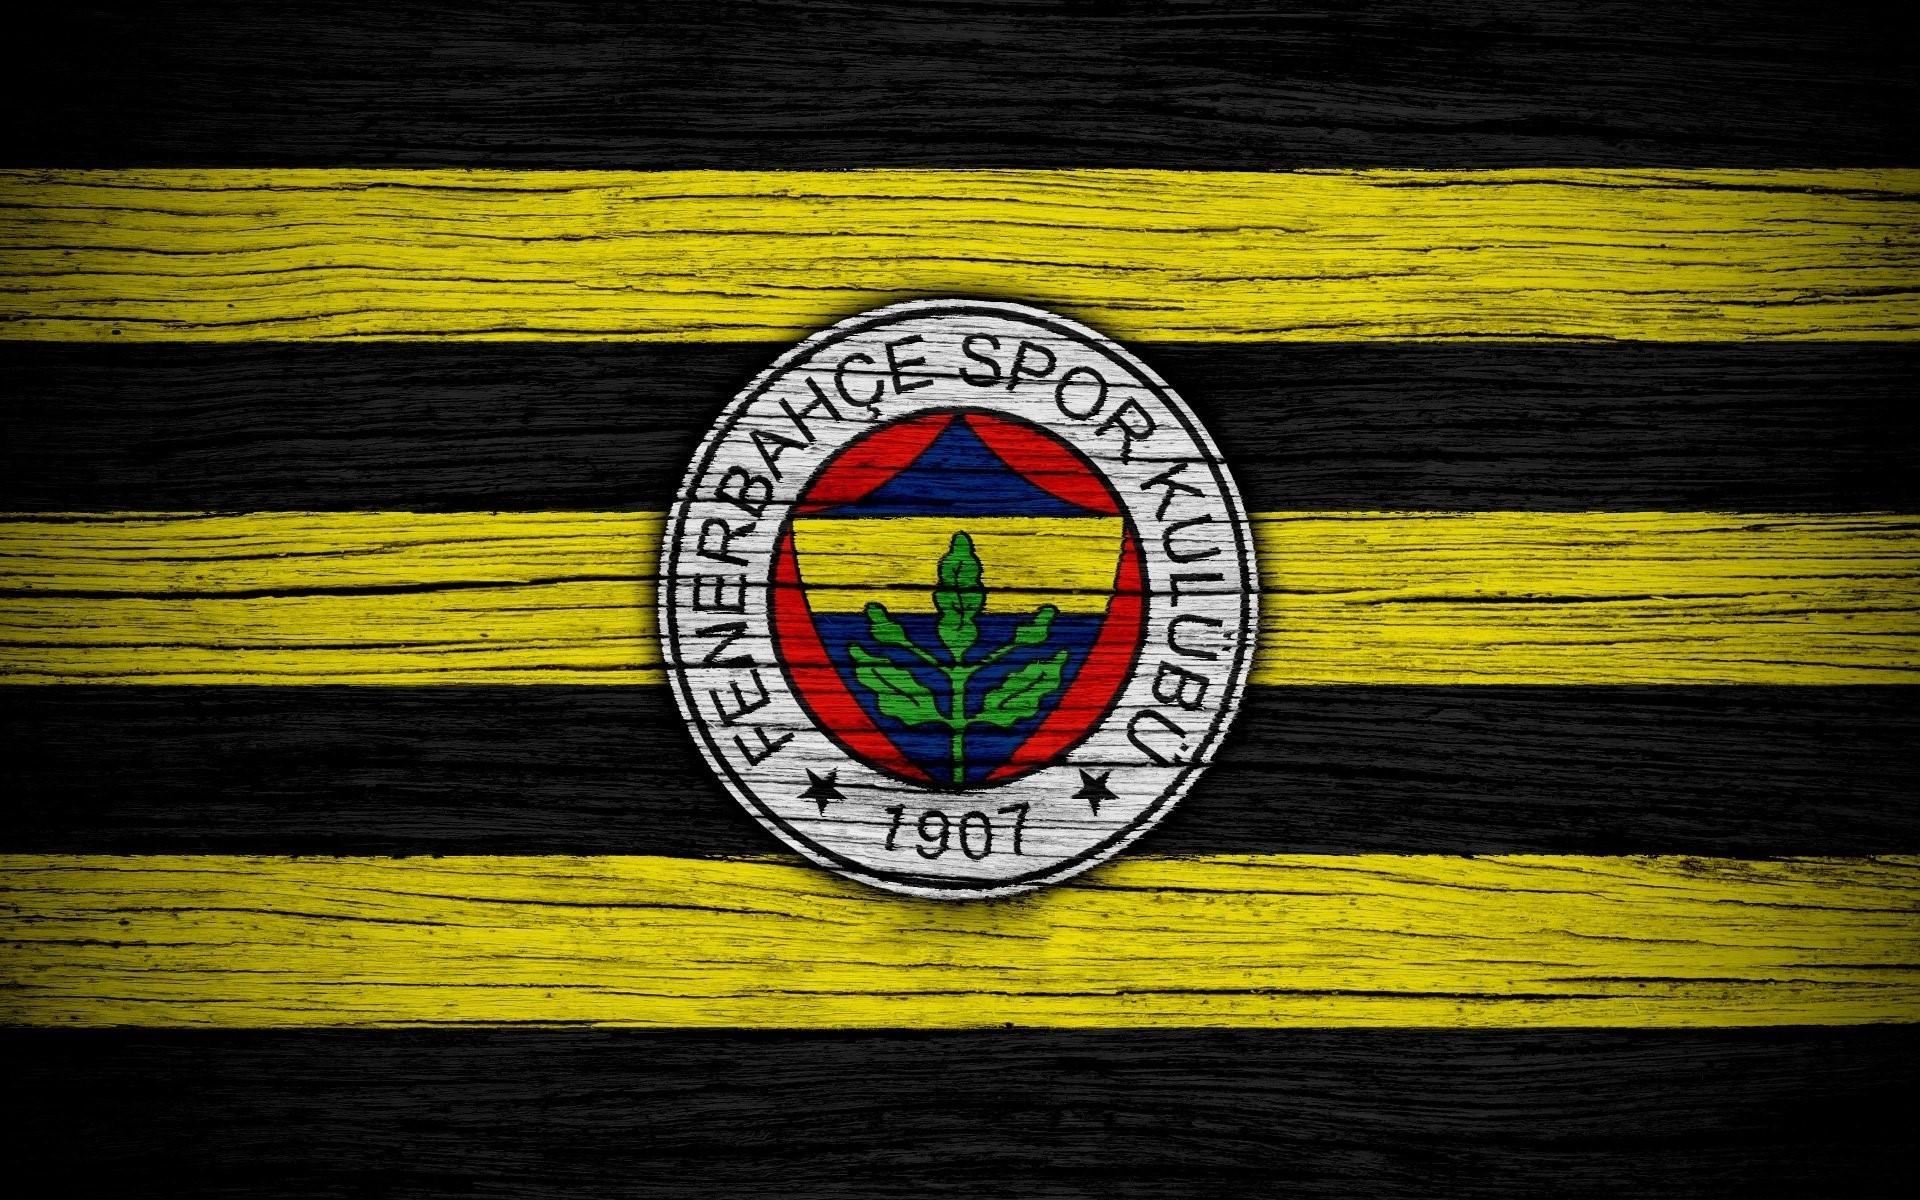 Fenerbahçe Wallpaper HD